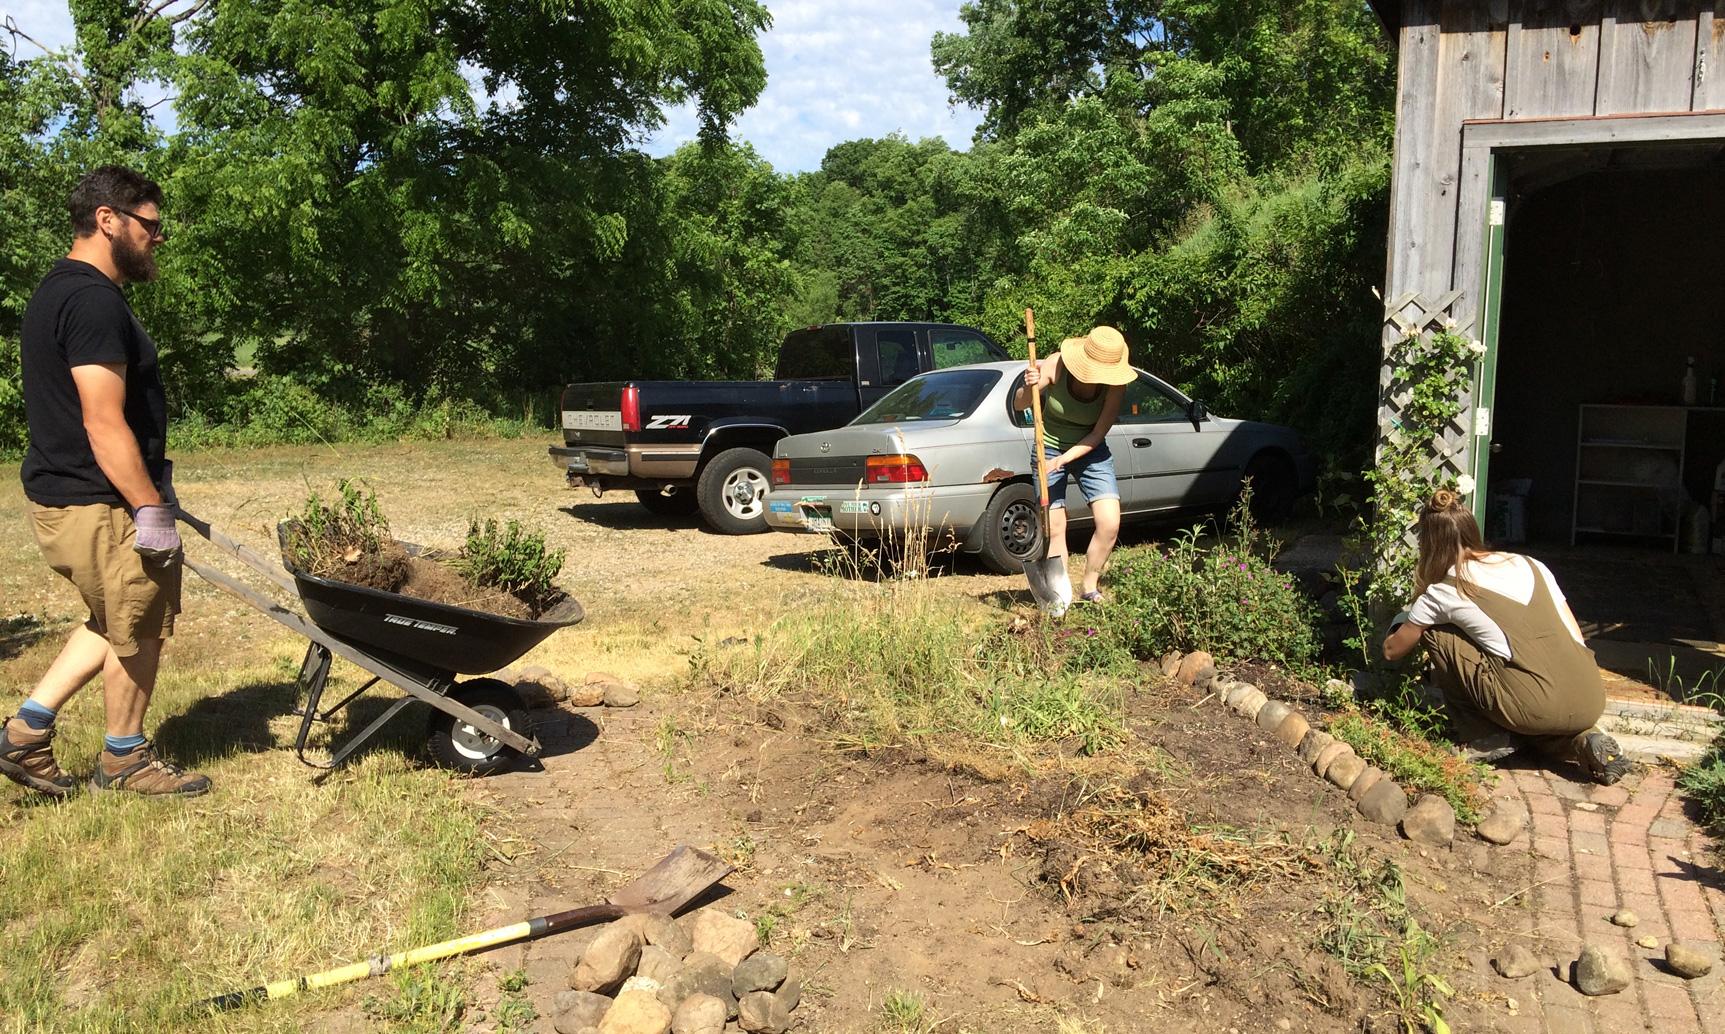 Hussagram: Gardening at GilChrist